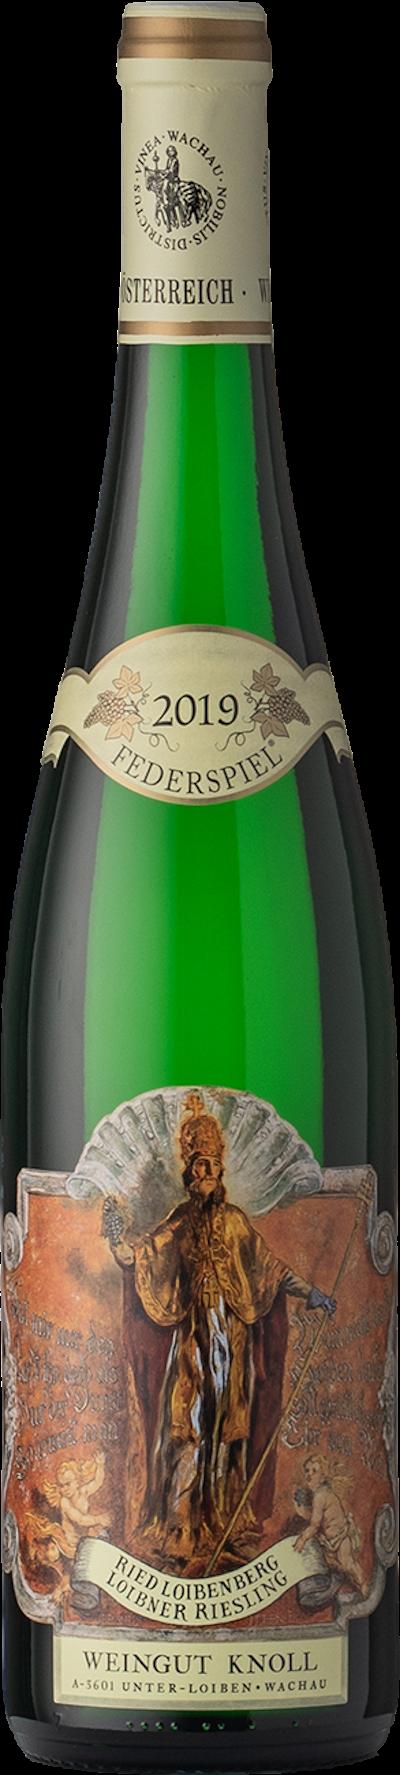 Knoll - Riesling Federspiel Ried Loibenberg, 2018